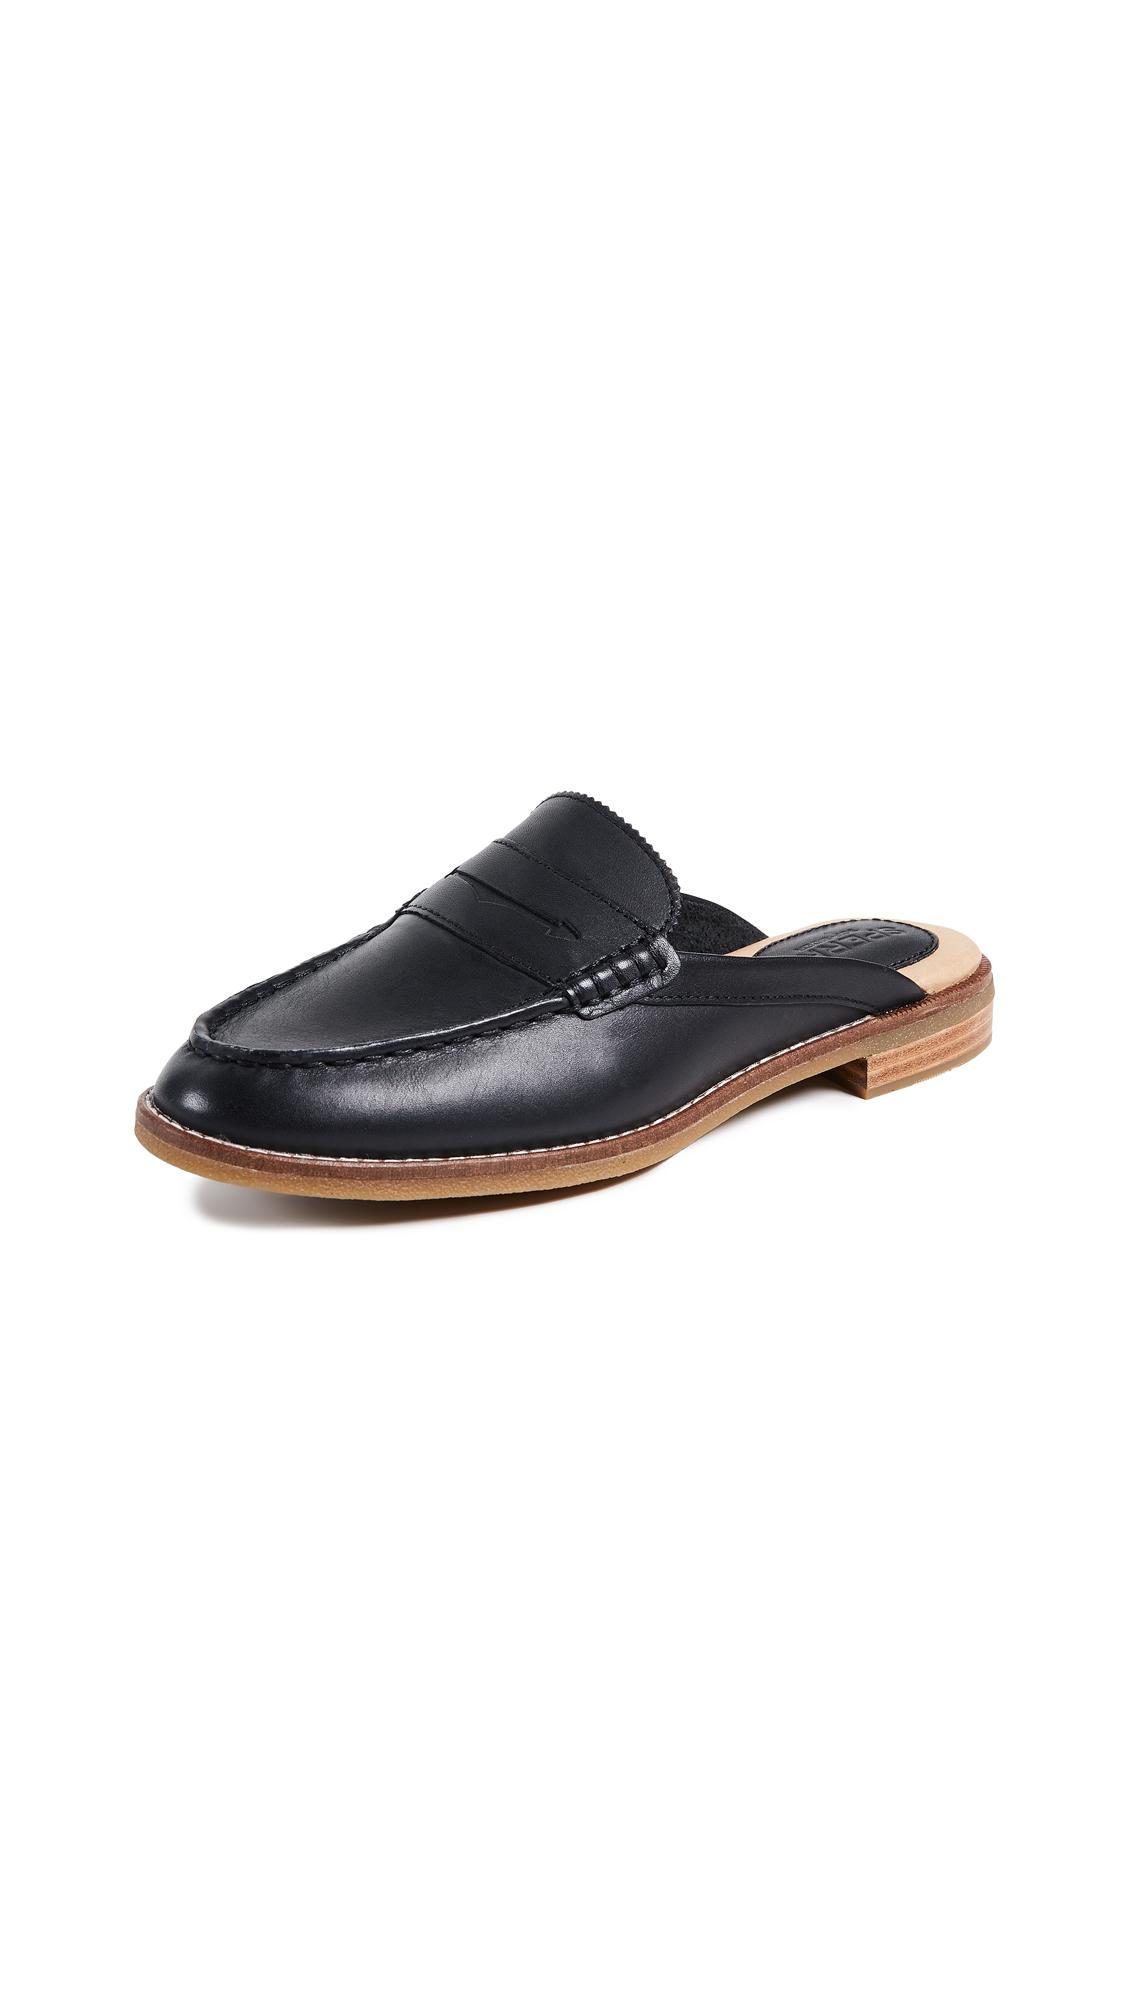 Sperry Seaport Fina Mules - Black